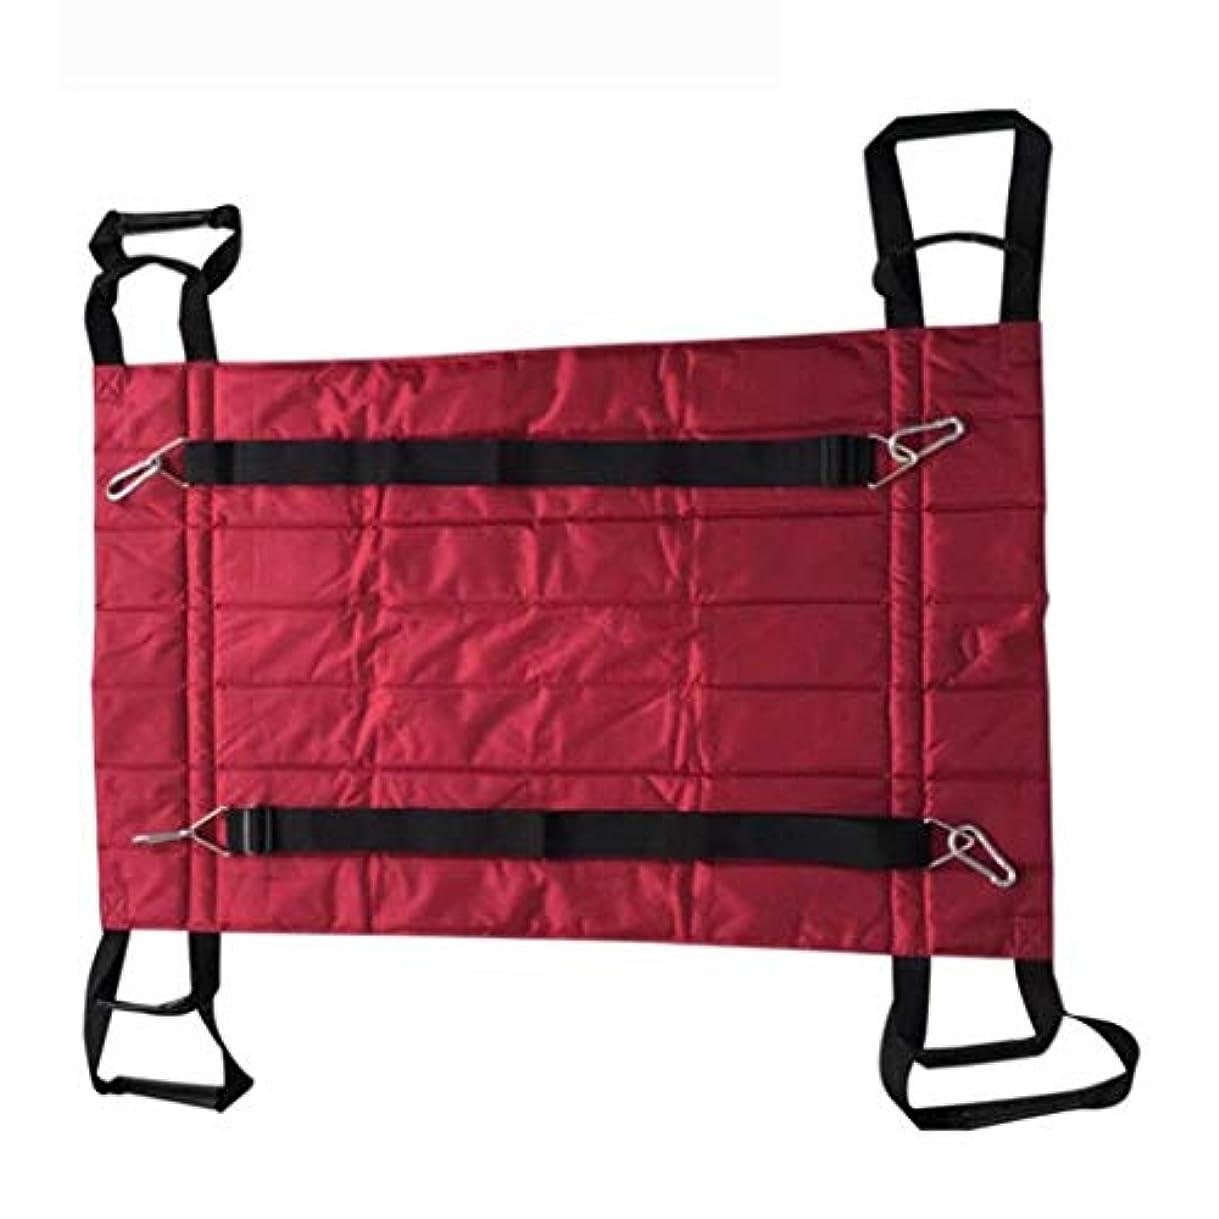 クリスマス進むショッキングトランスファーボードベルト車椅子スライド式メディカルリフティングスリングターナー患者ケア安全移動補助器具